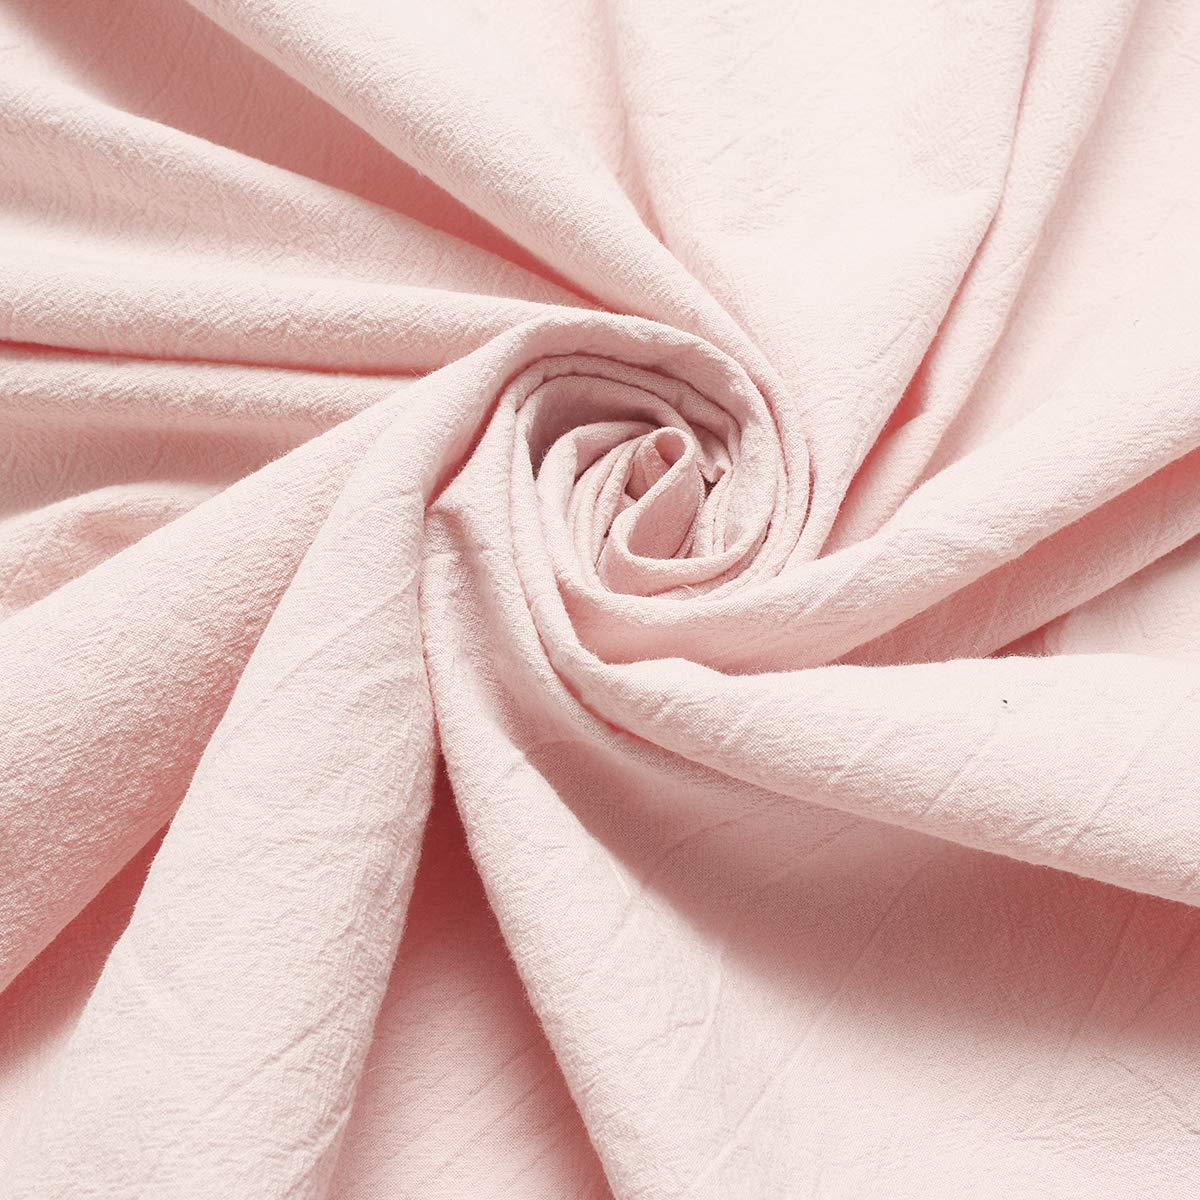 Zanzariera Zanzariera Protezione Malaria insetti alta 220/cm bianco King Do Way letto a baldacchino Cielo Decorativa in tela letto di coperture per bambino bambino Tende in cotone canvas